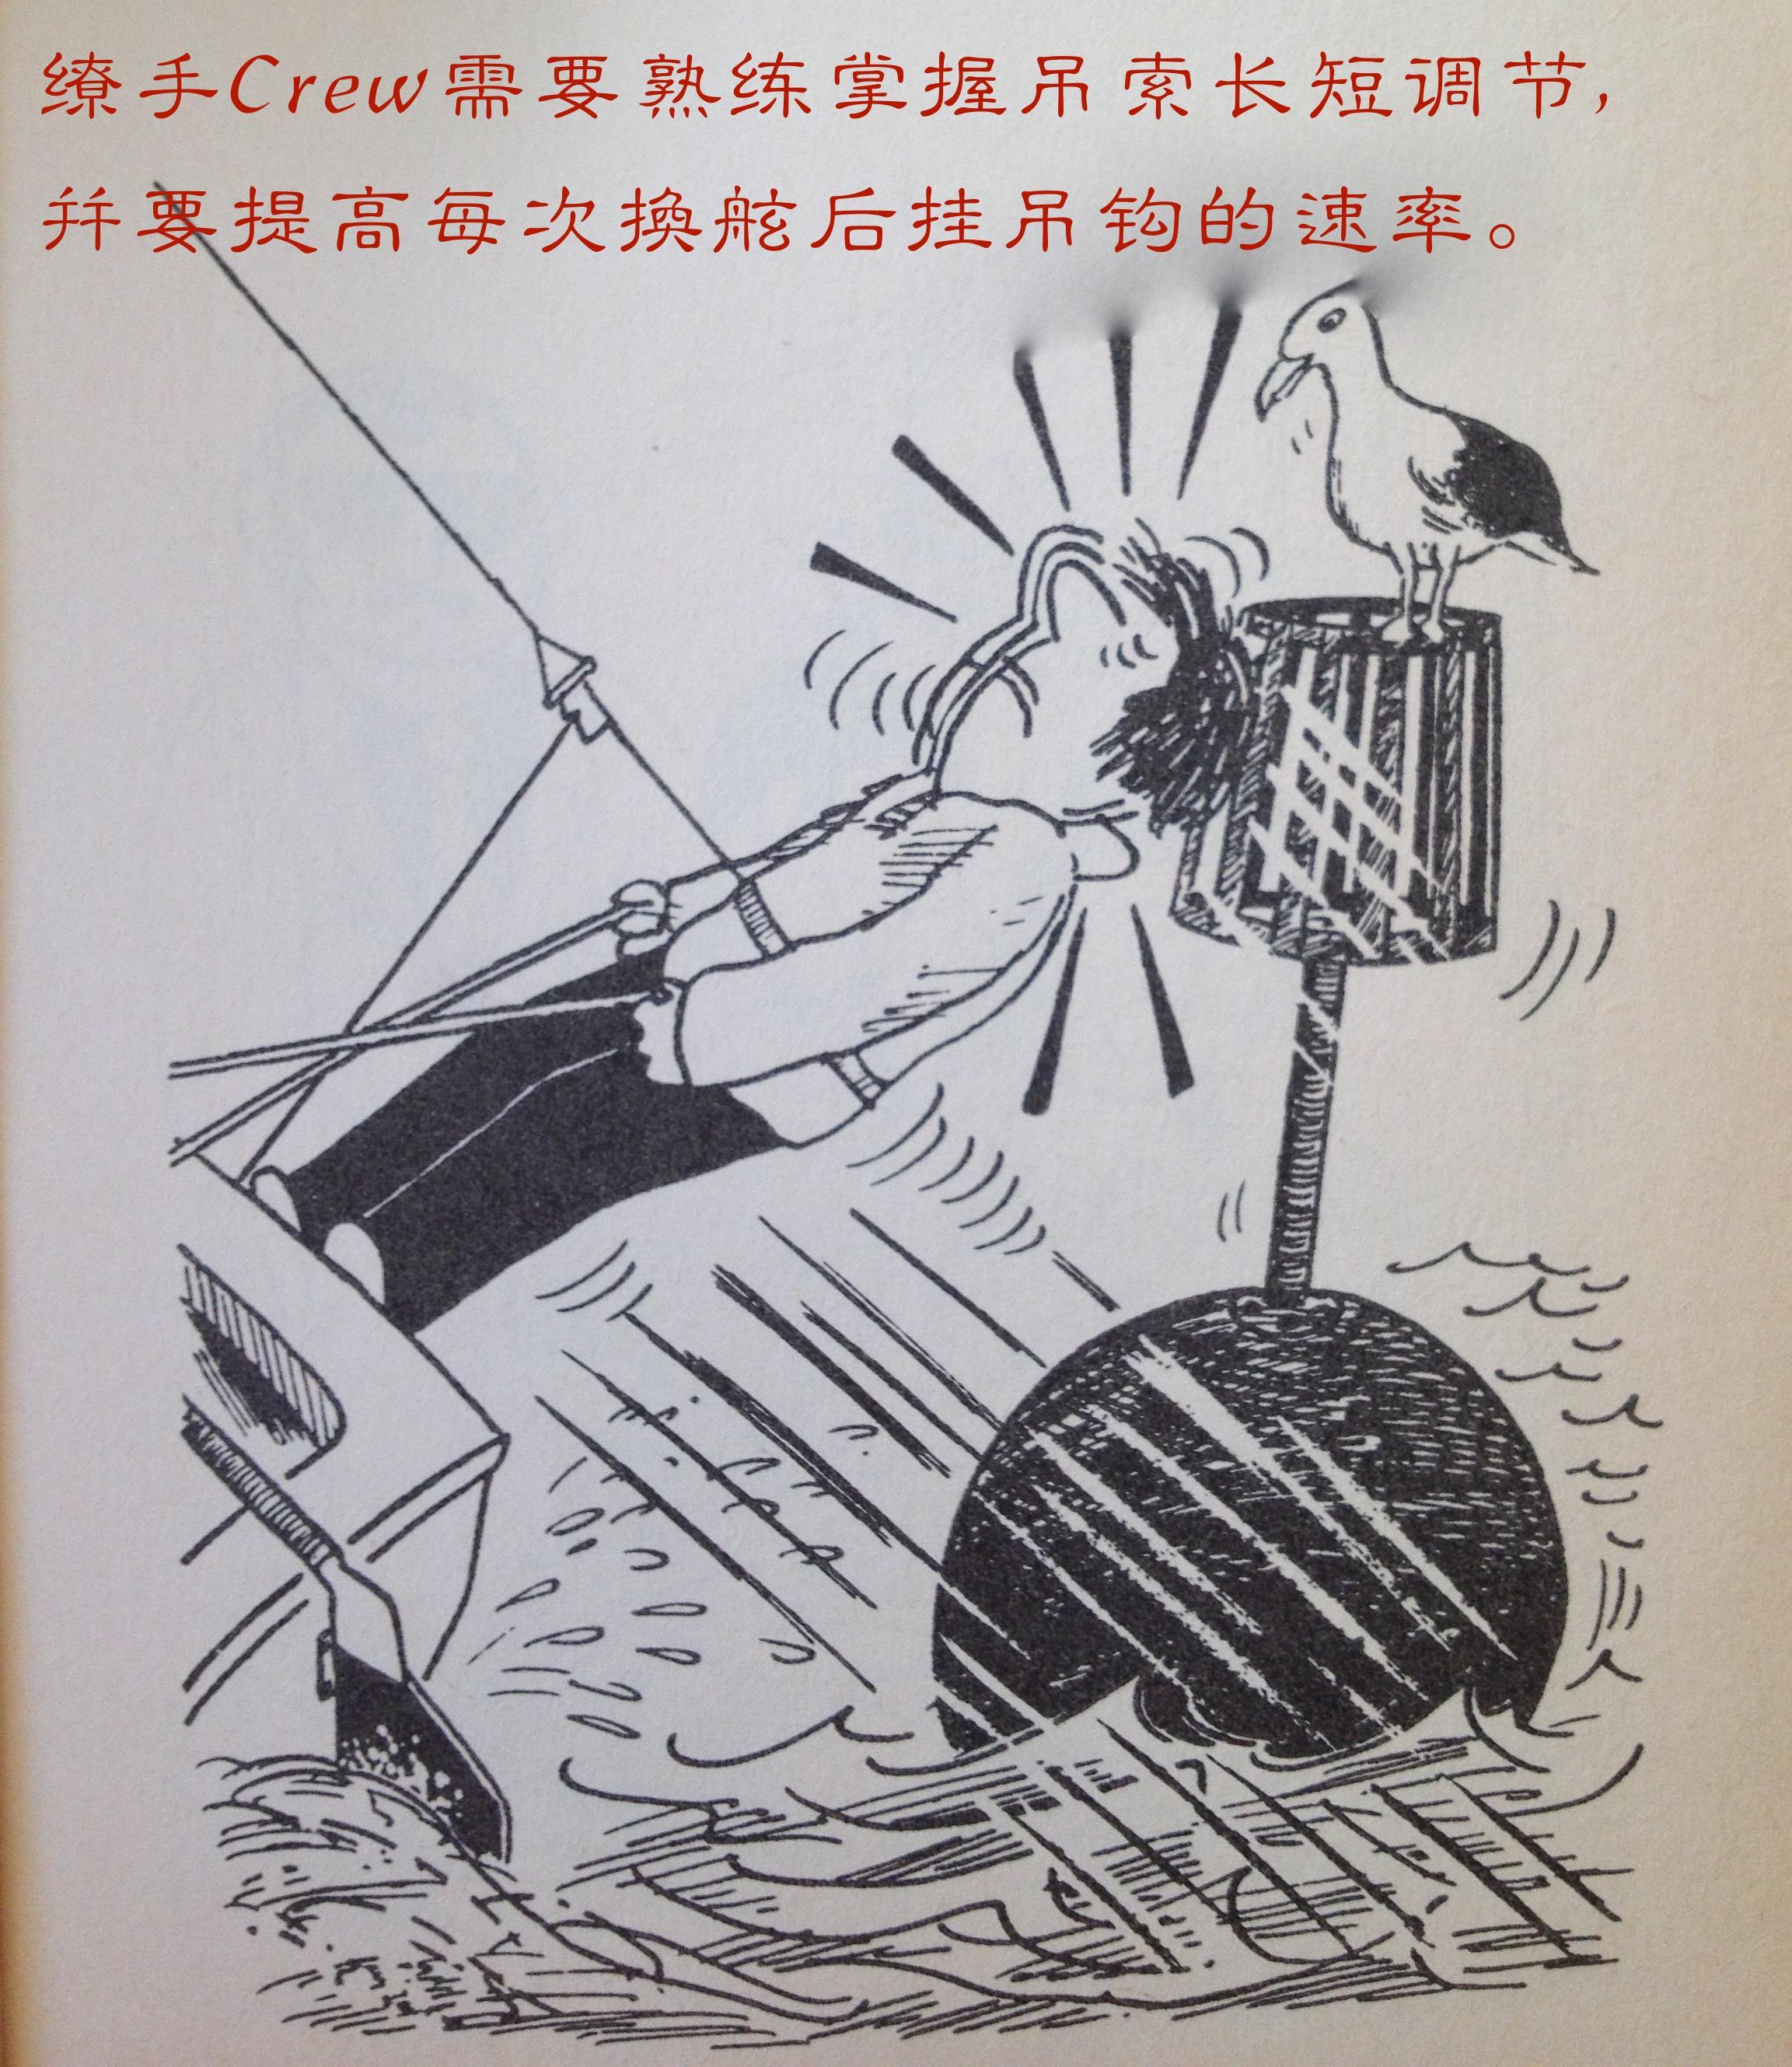 秦皇岛,Omega,初学者,北京,教学 学习双人艇Omega的缭手位置,以及升降和操控球帆等基础操作。 49c.JPG